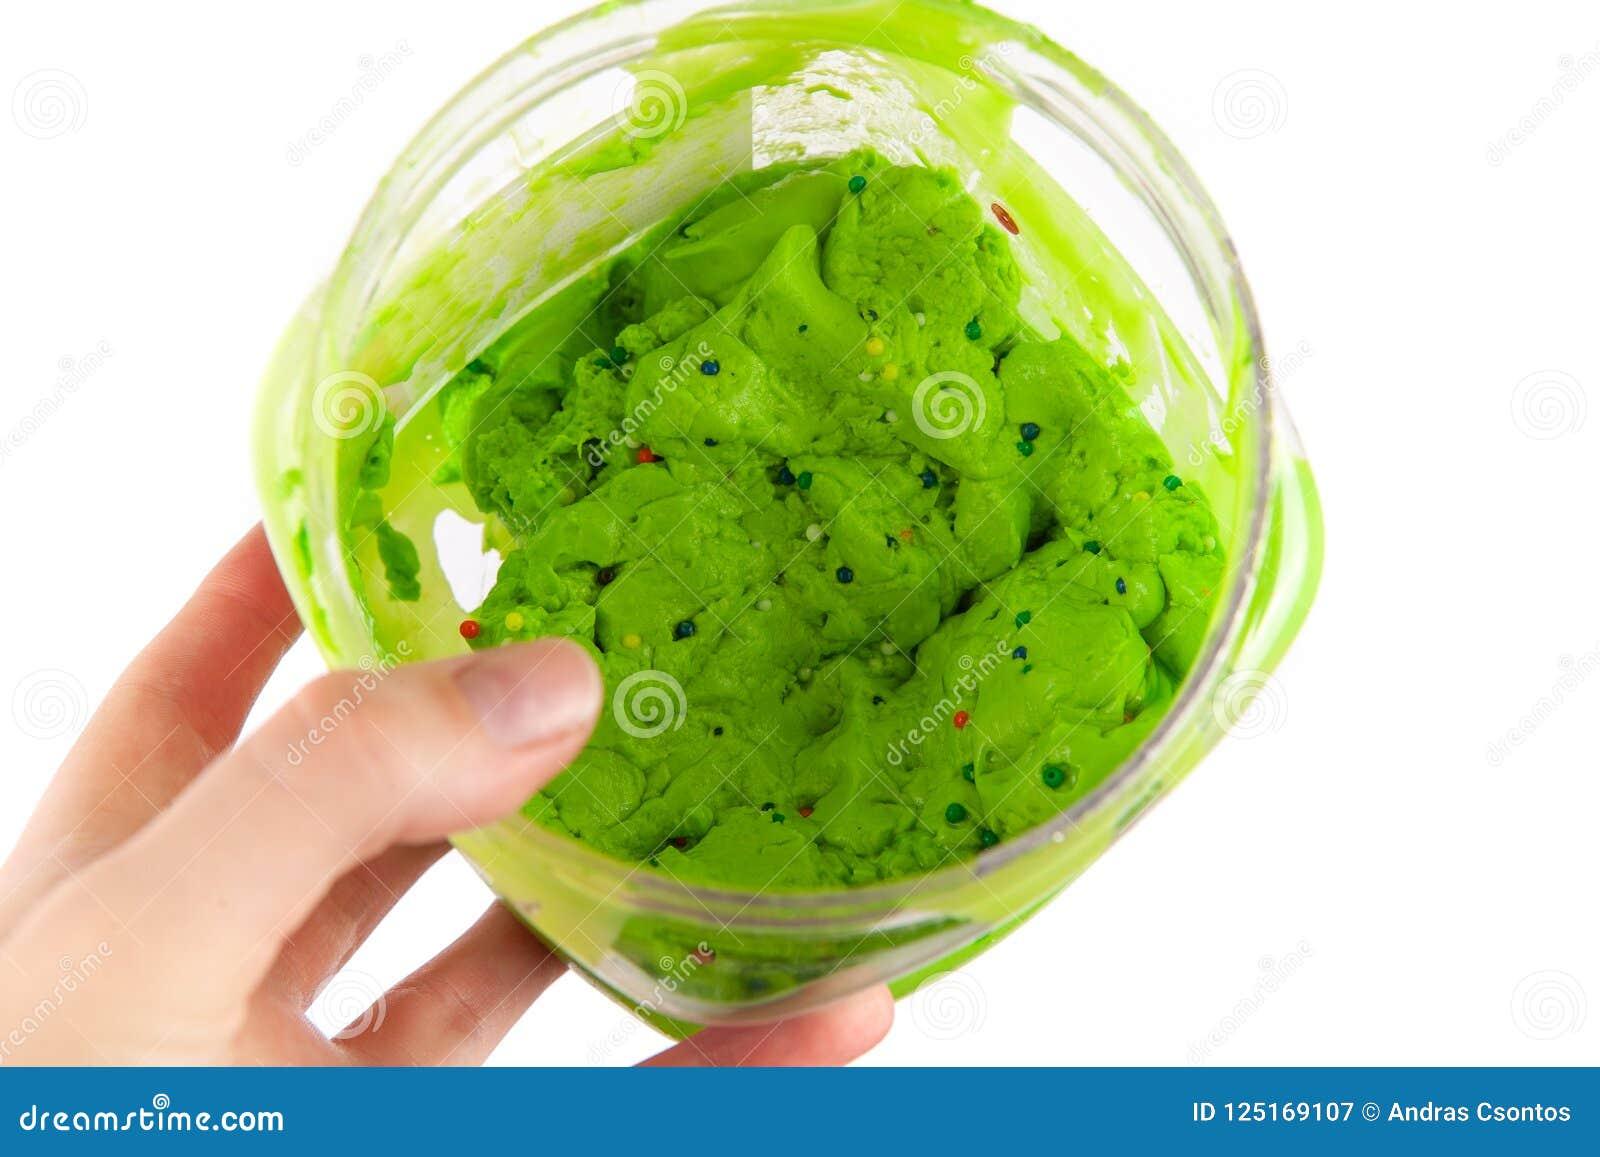 Πράσινο slime νύχτας σε ένα πλαστικό κιβώτιο που απομονώνεται στο άσπρο υπόβαθρο